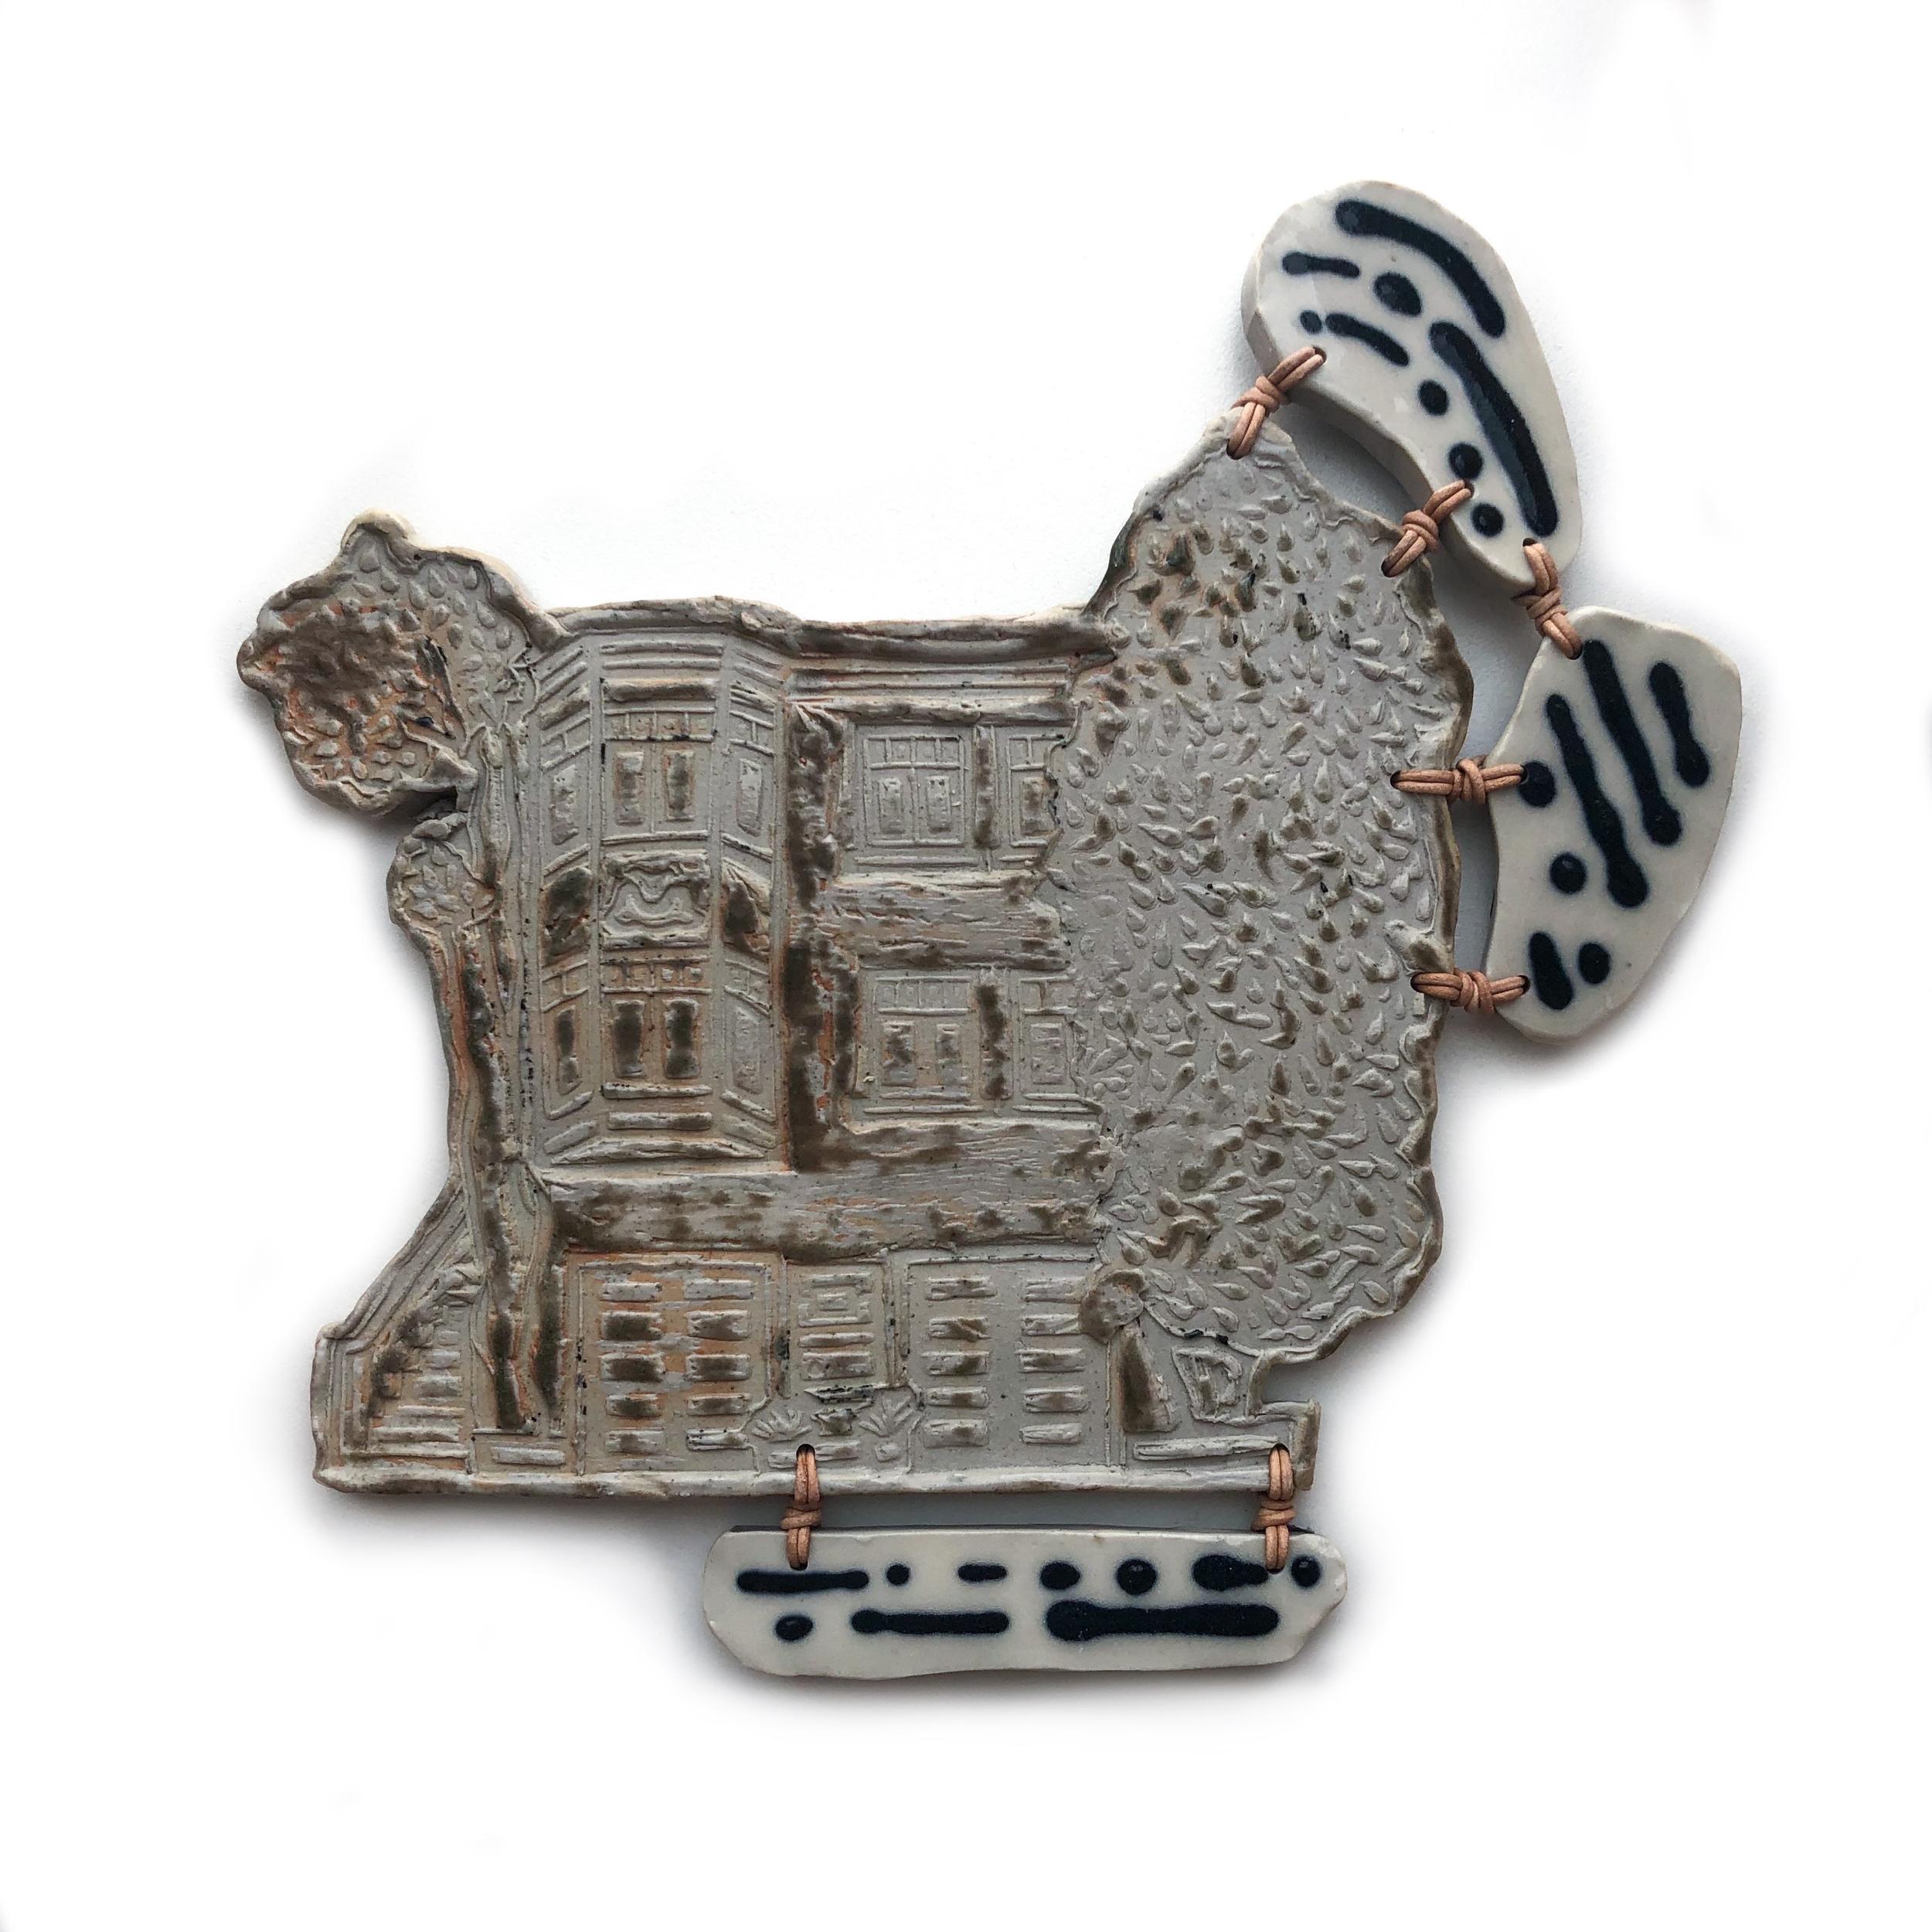 jordan_kushins_ceramic_house3.png